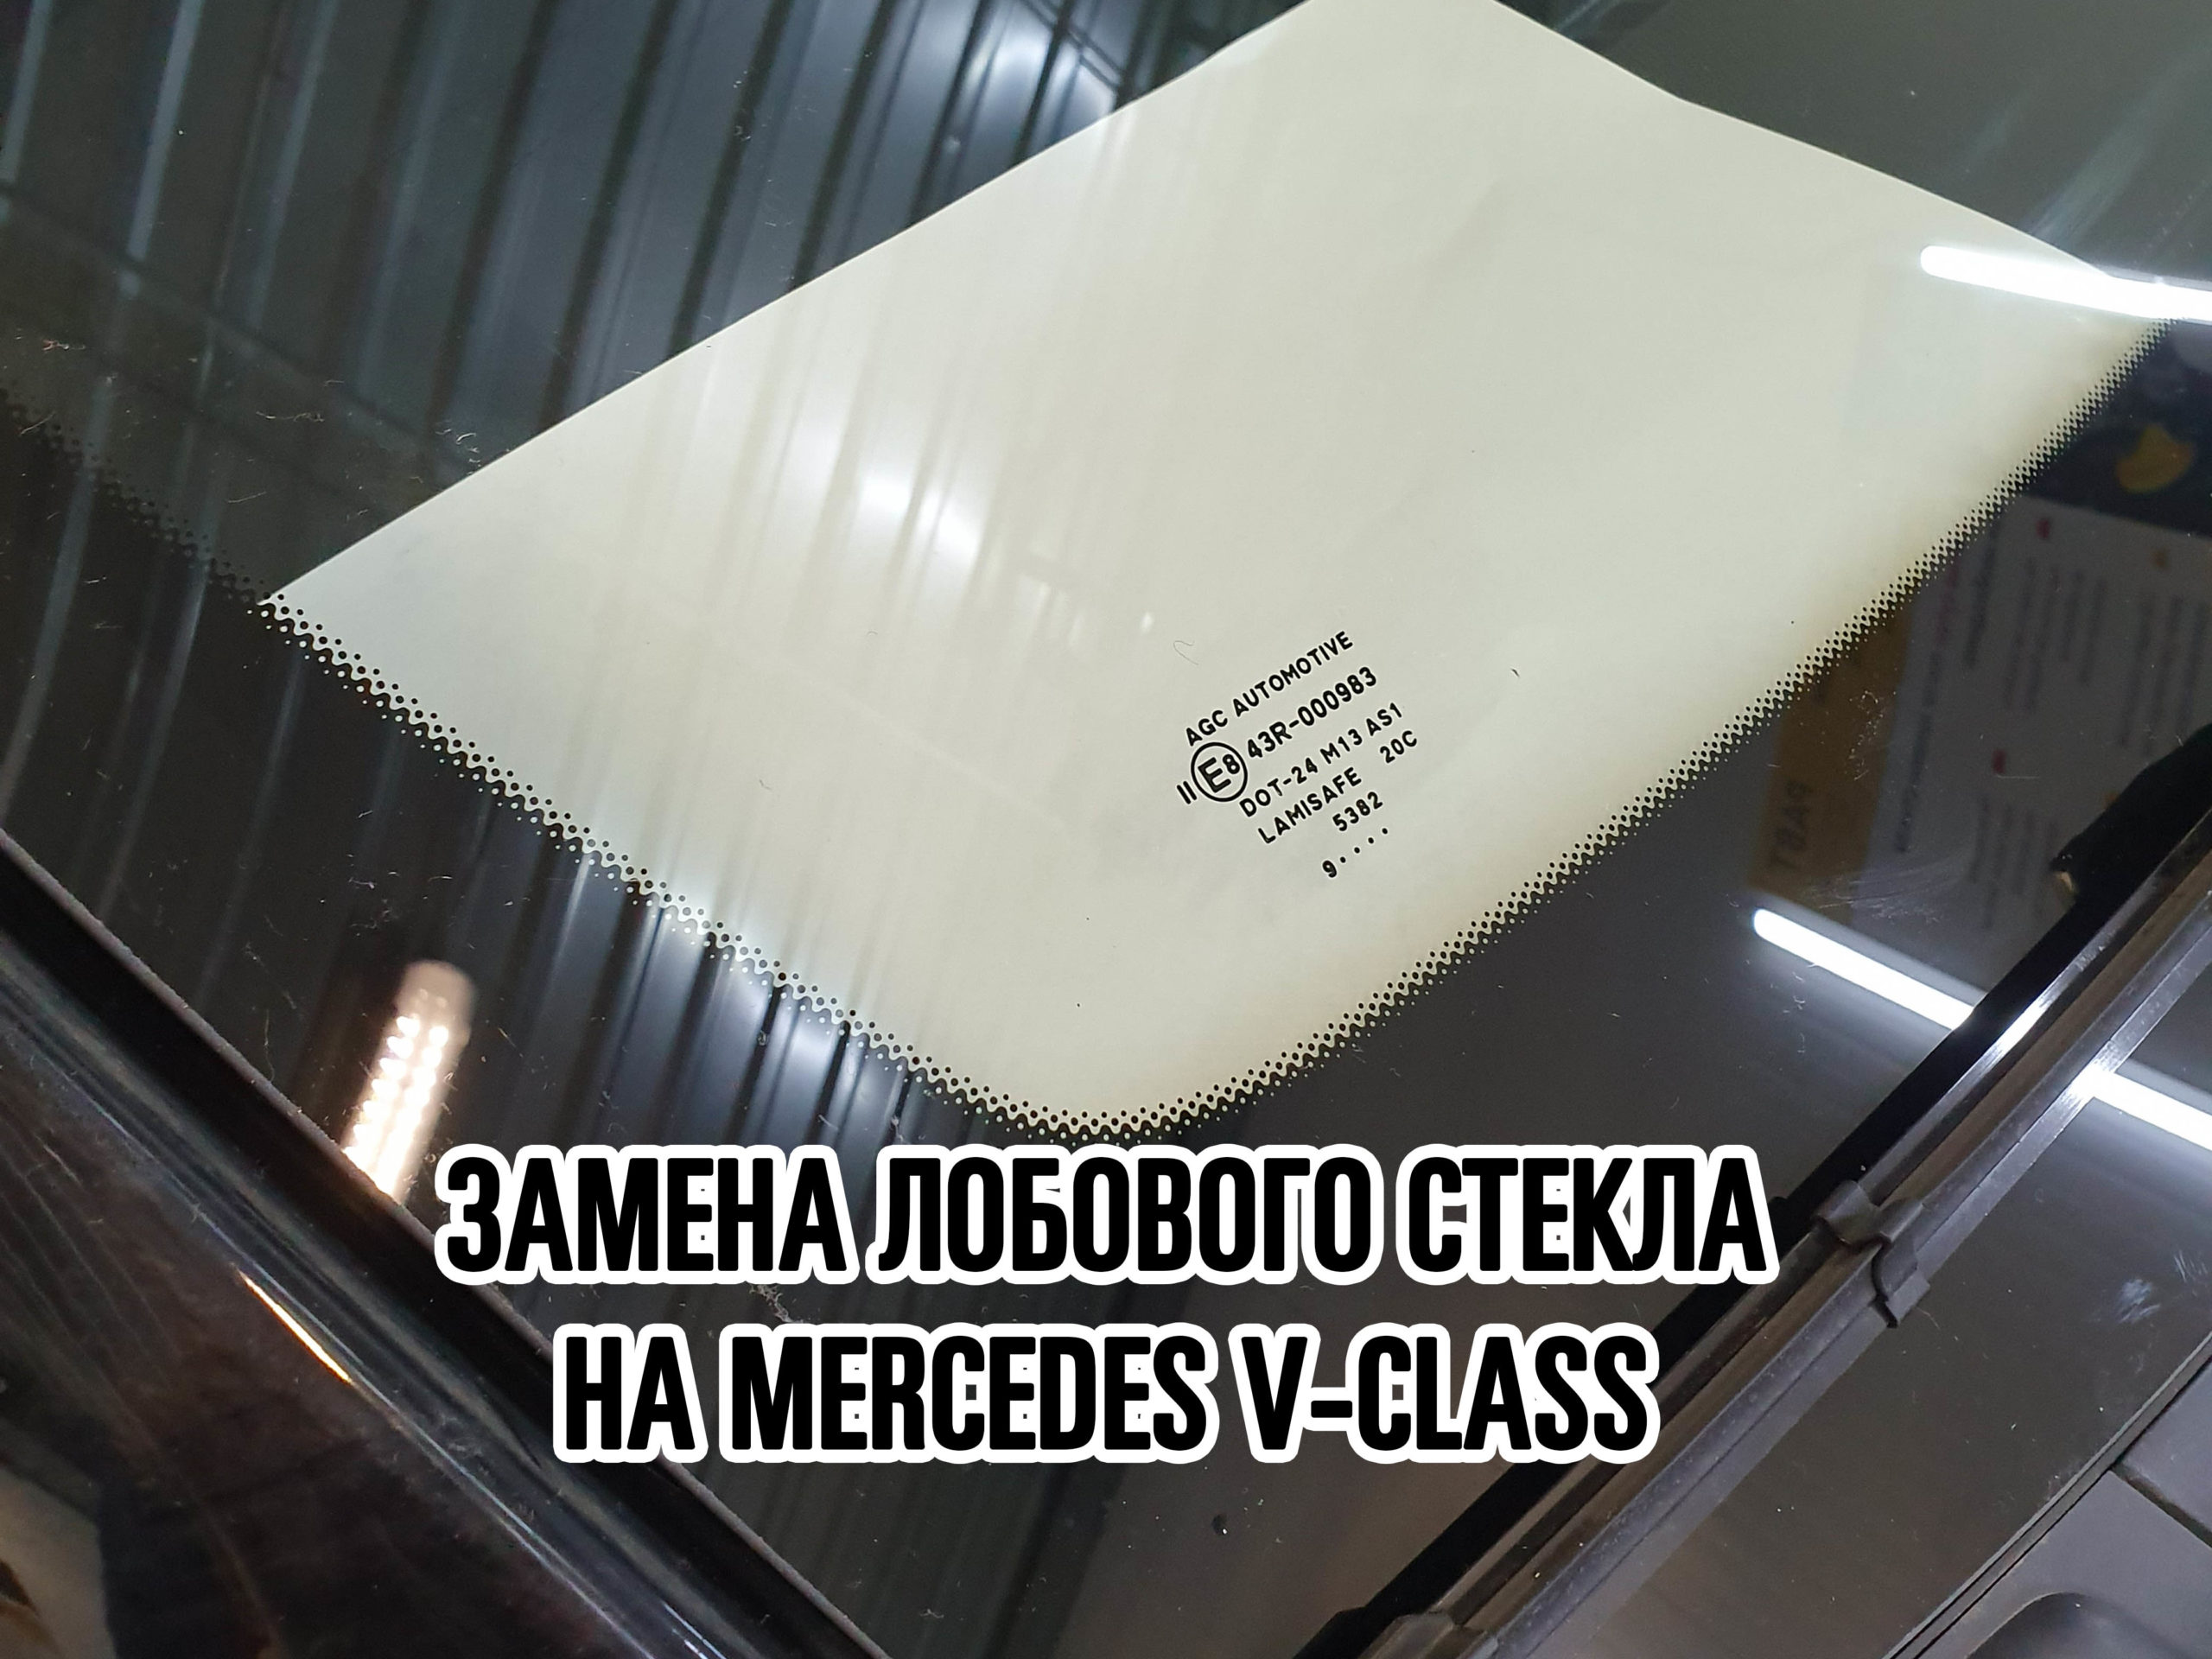 Лобовое стекло на Mercedes V-Class купить и установить в Москве